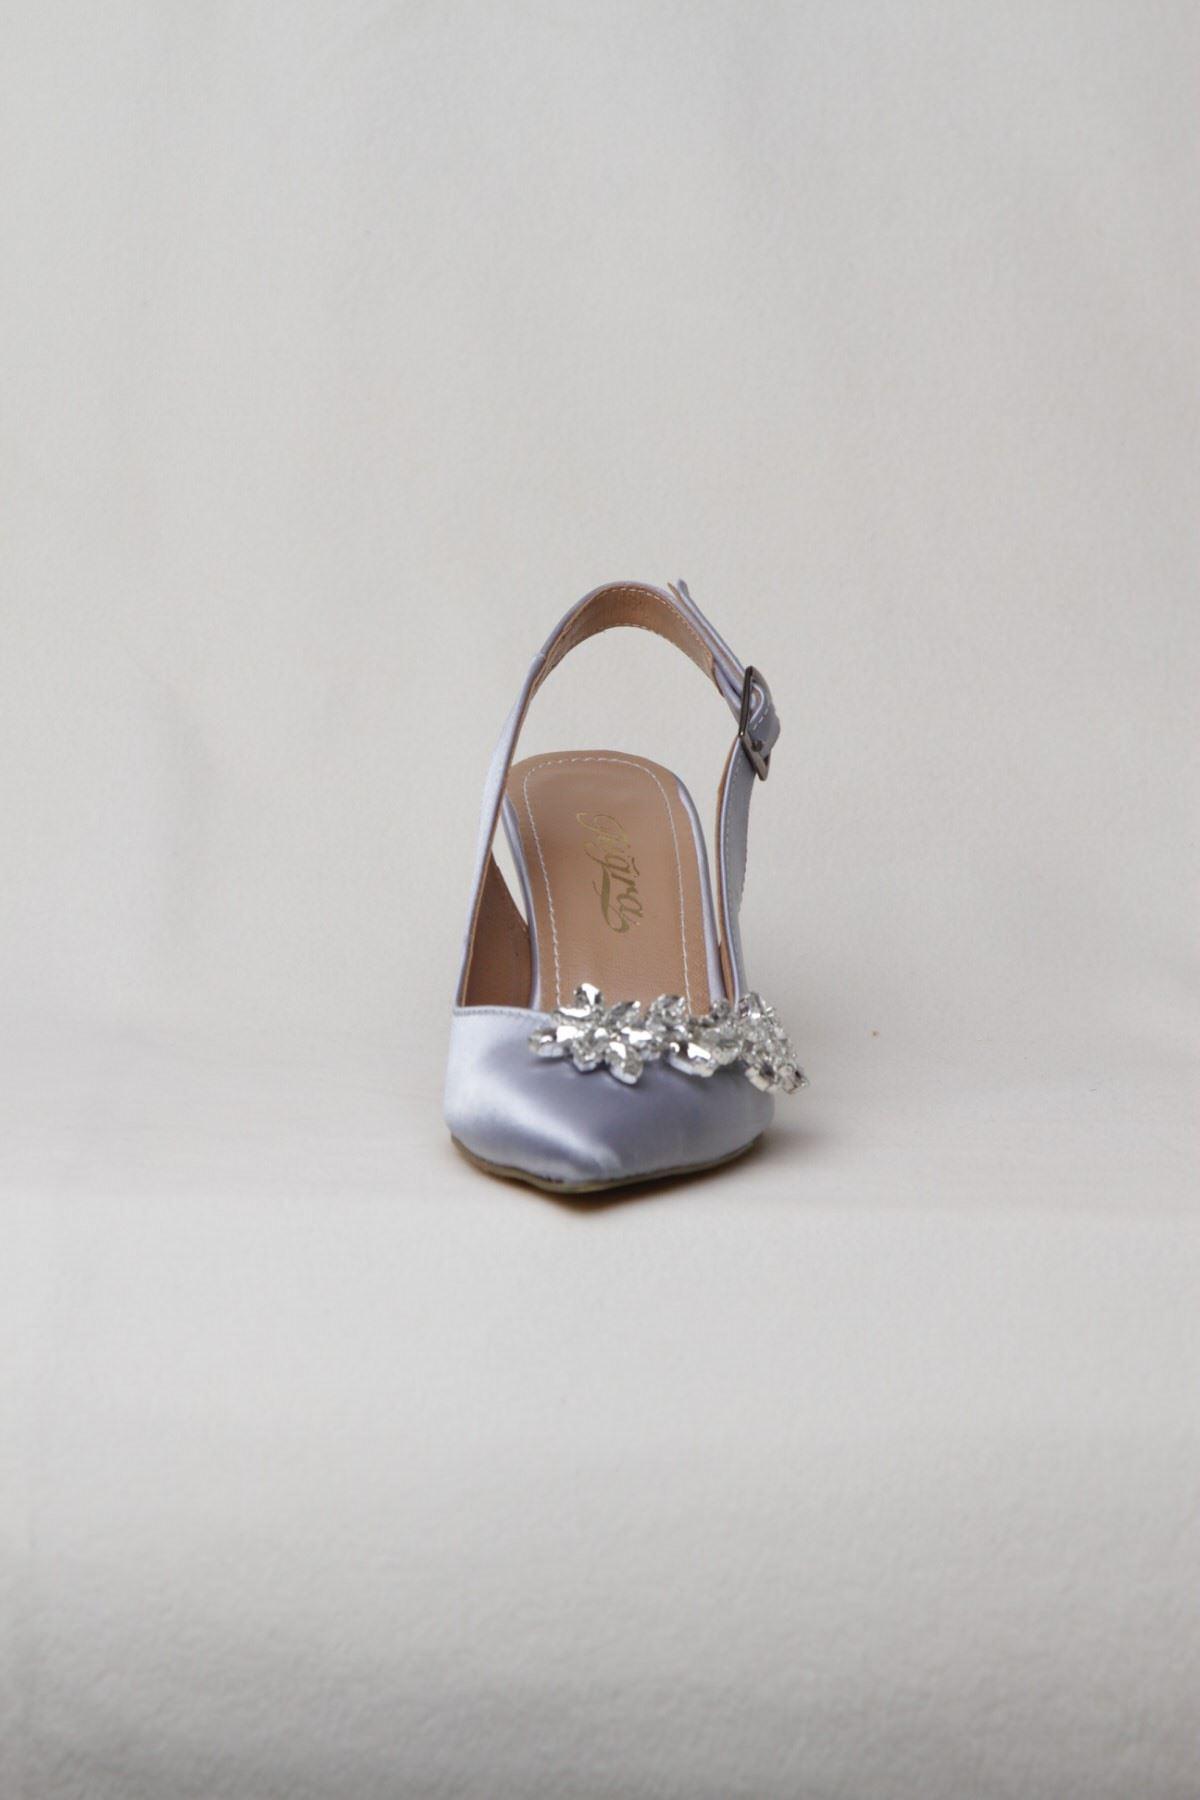 Kadın Taşlı Abiye Ayakkabı - Gümüş